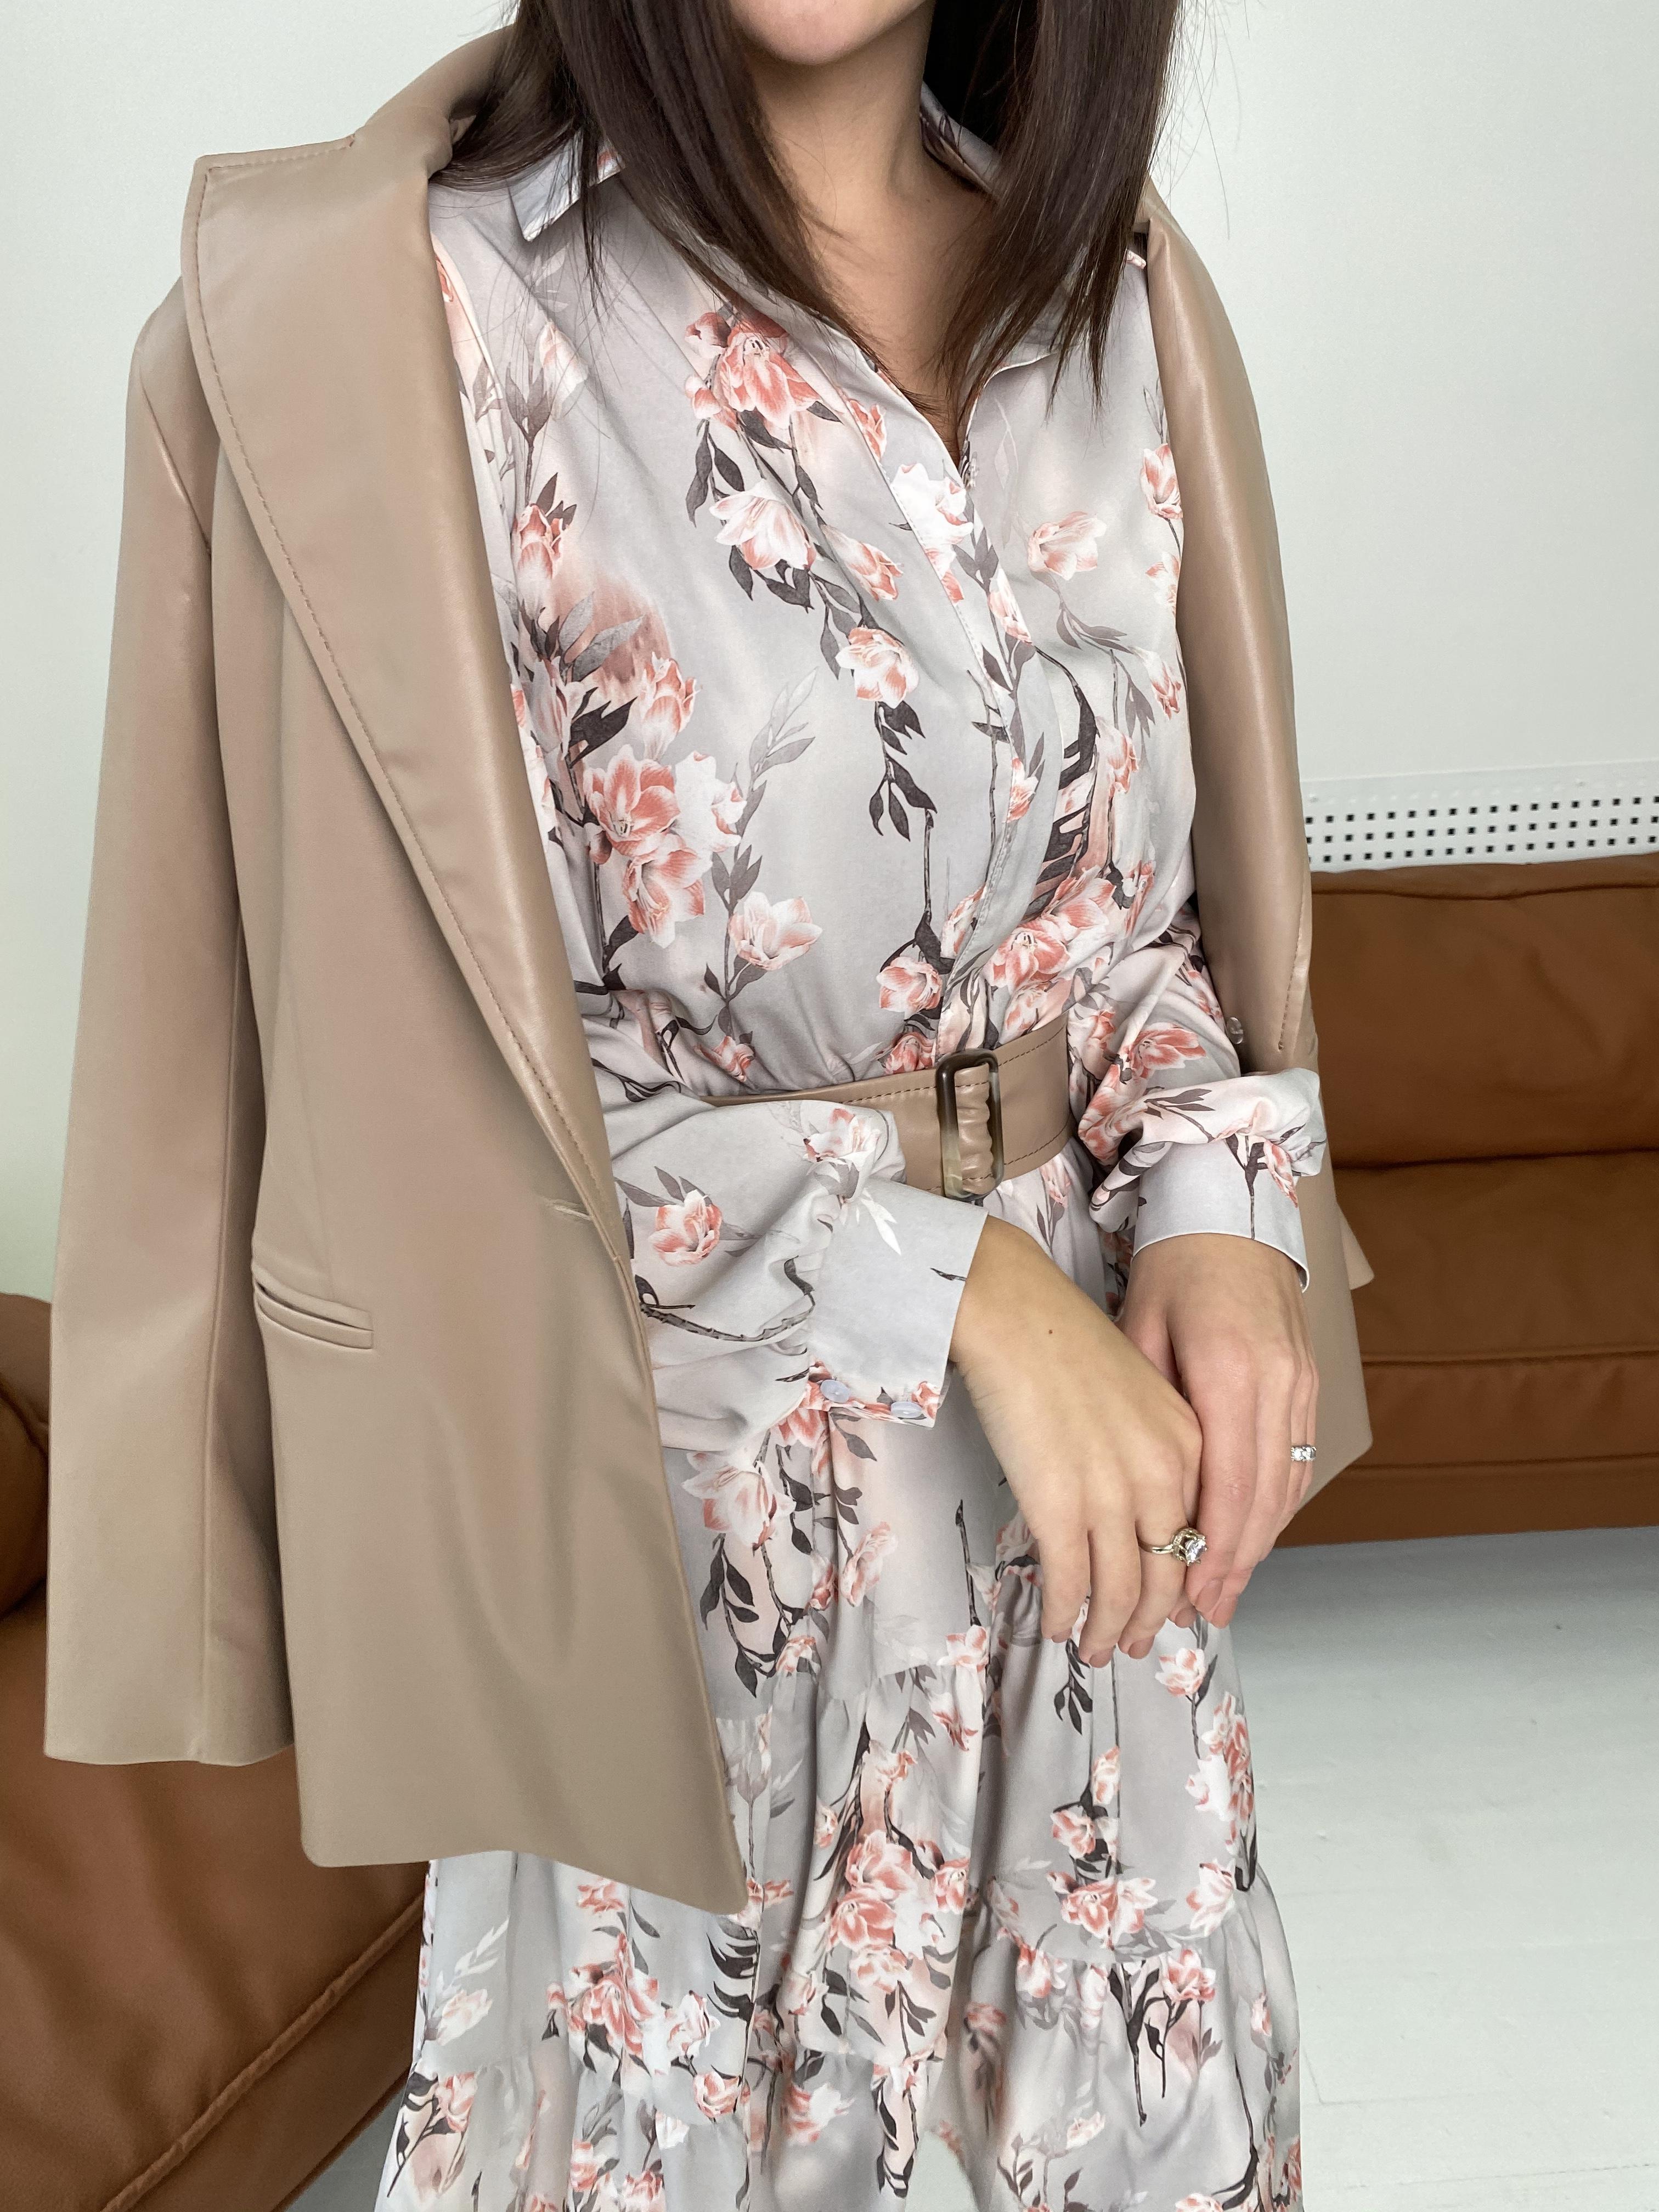 Лилия платье в цветочный принт 9712 АРТ. 46015 Цвет: Цветы кр/цепи Молоко/пудра - фото 3, интернет магазин tm-modus.ru